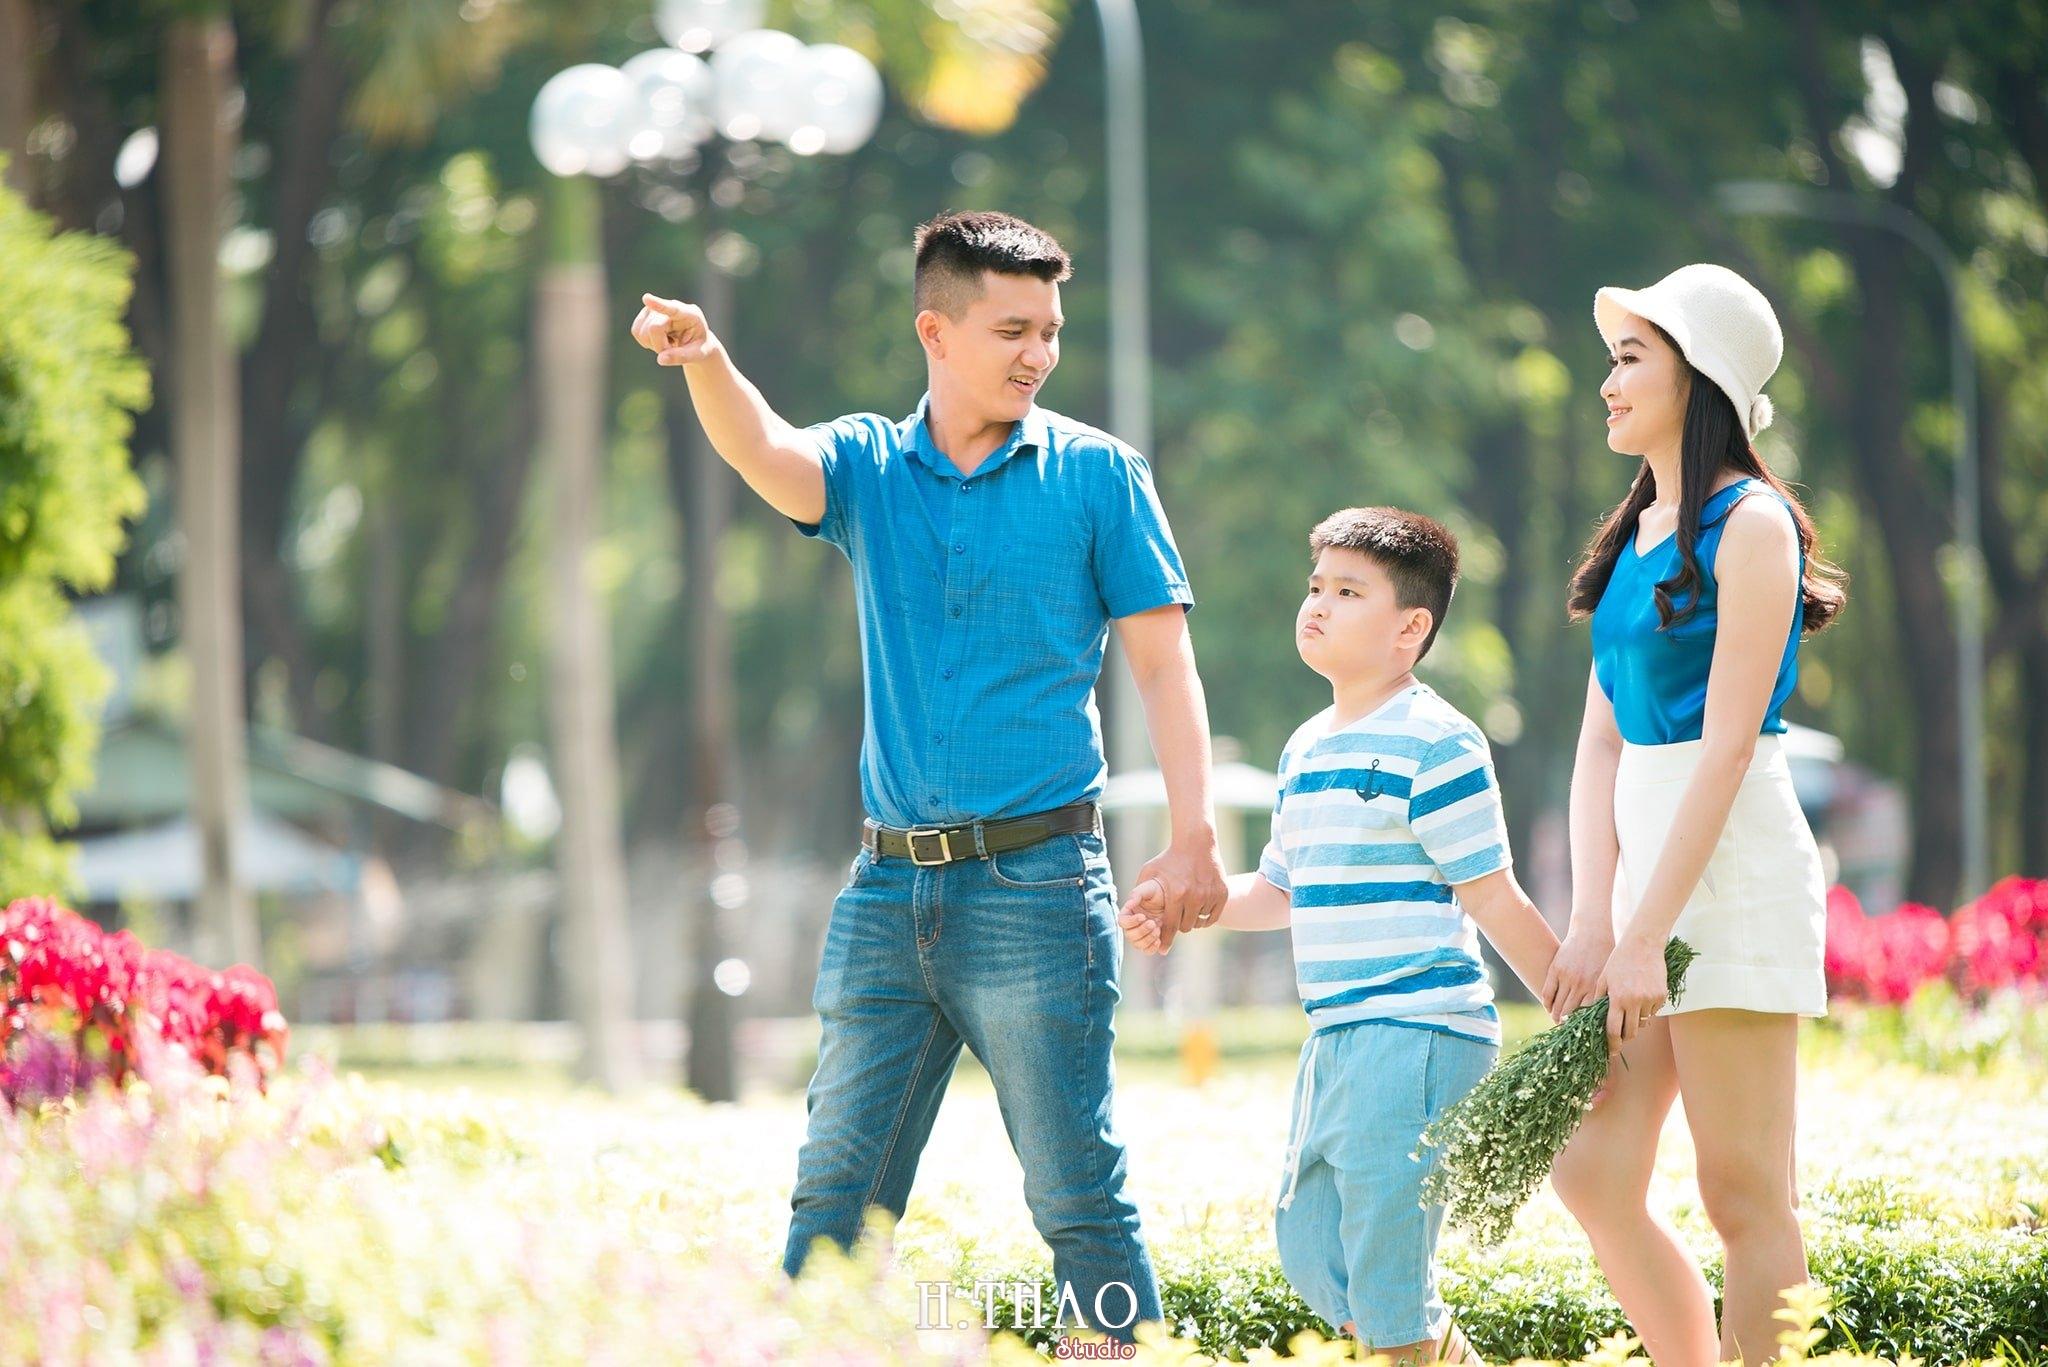 Anh Khanh 79 avatar min - Báo giá chụp hình gia đình